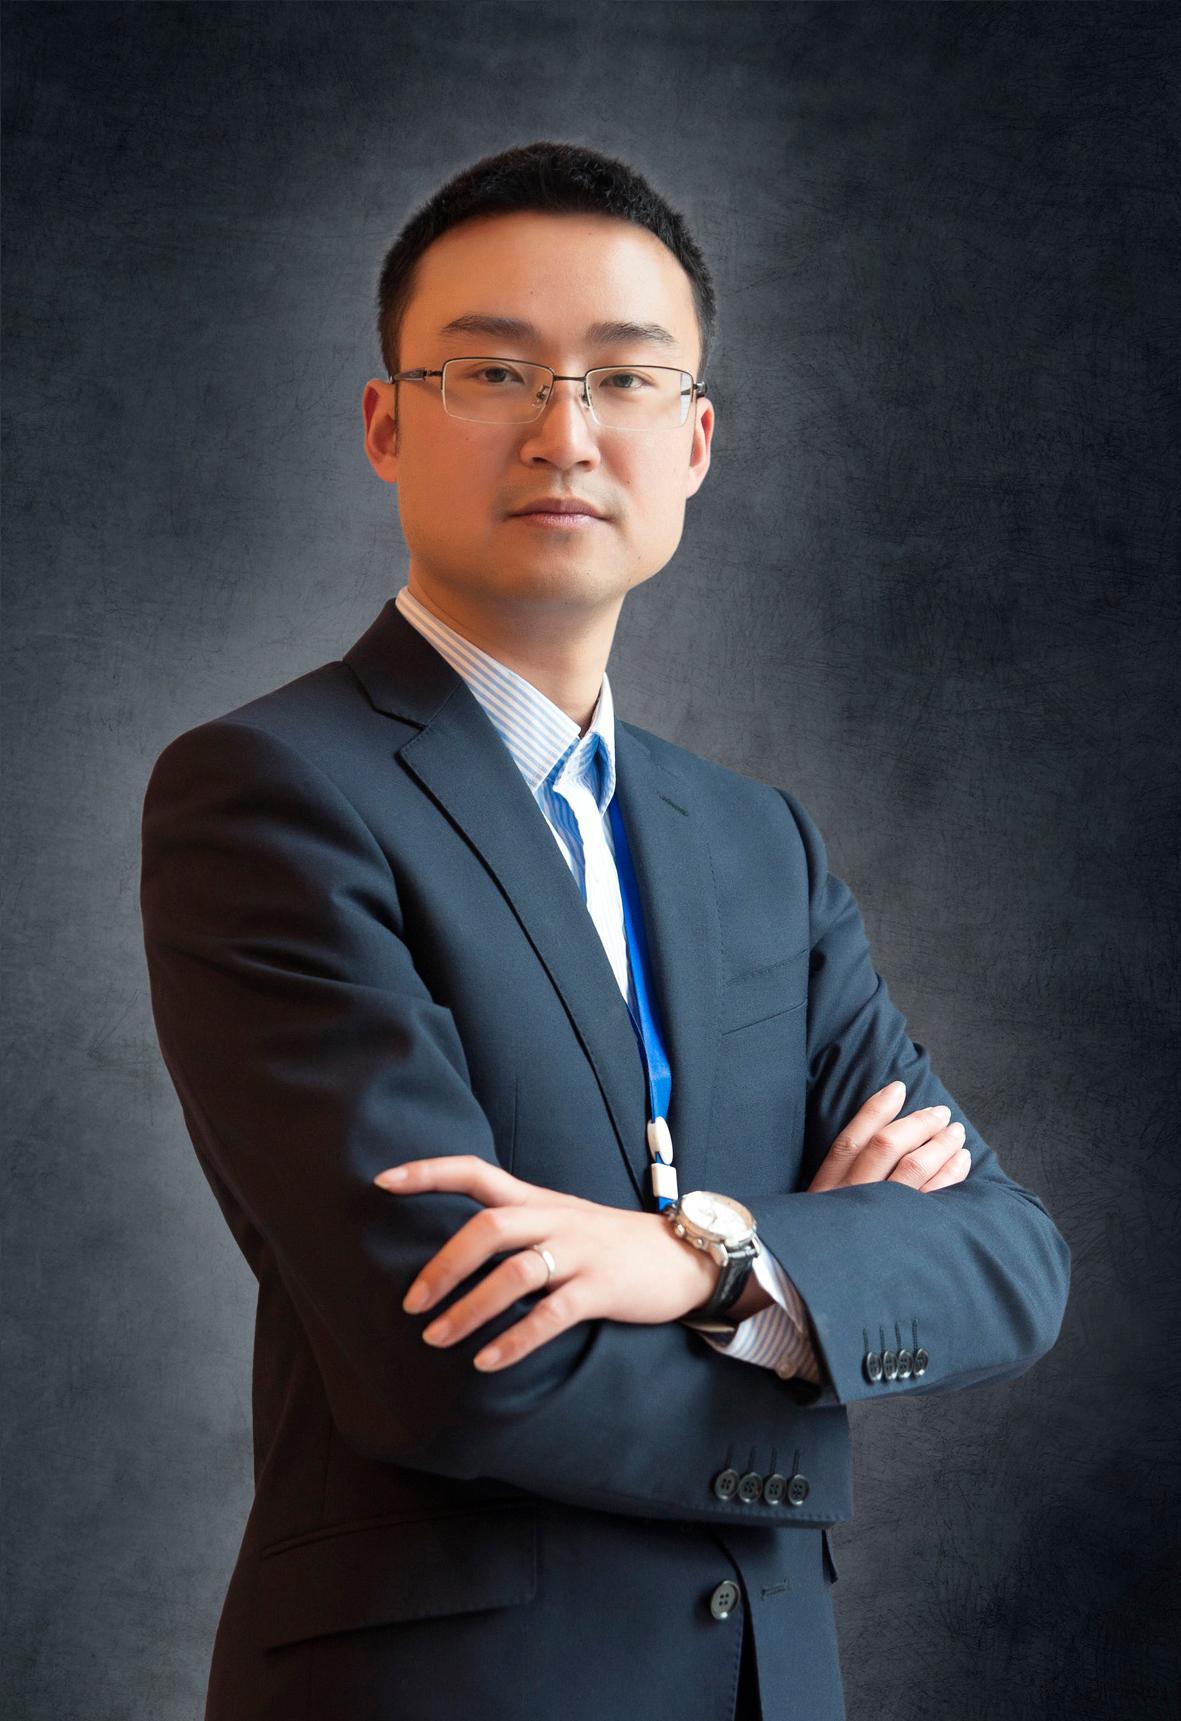 王宇—客户总监,高级讲师